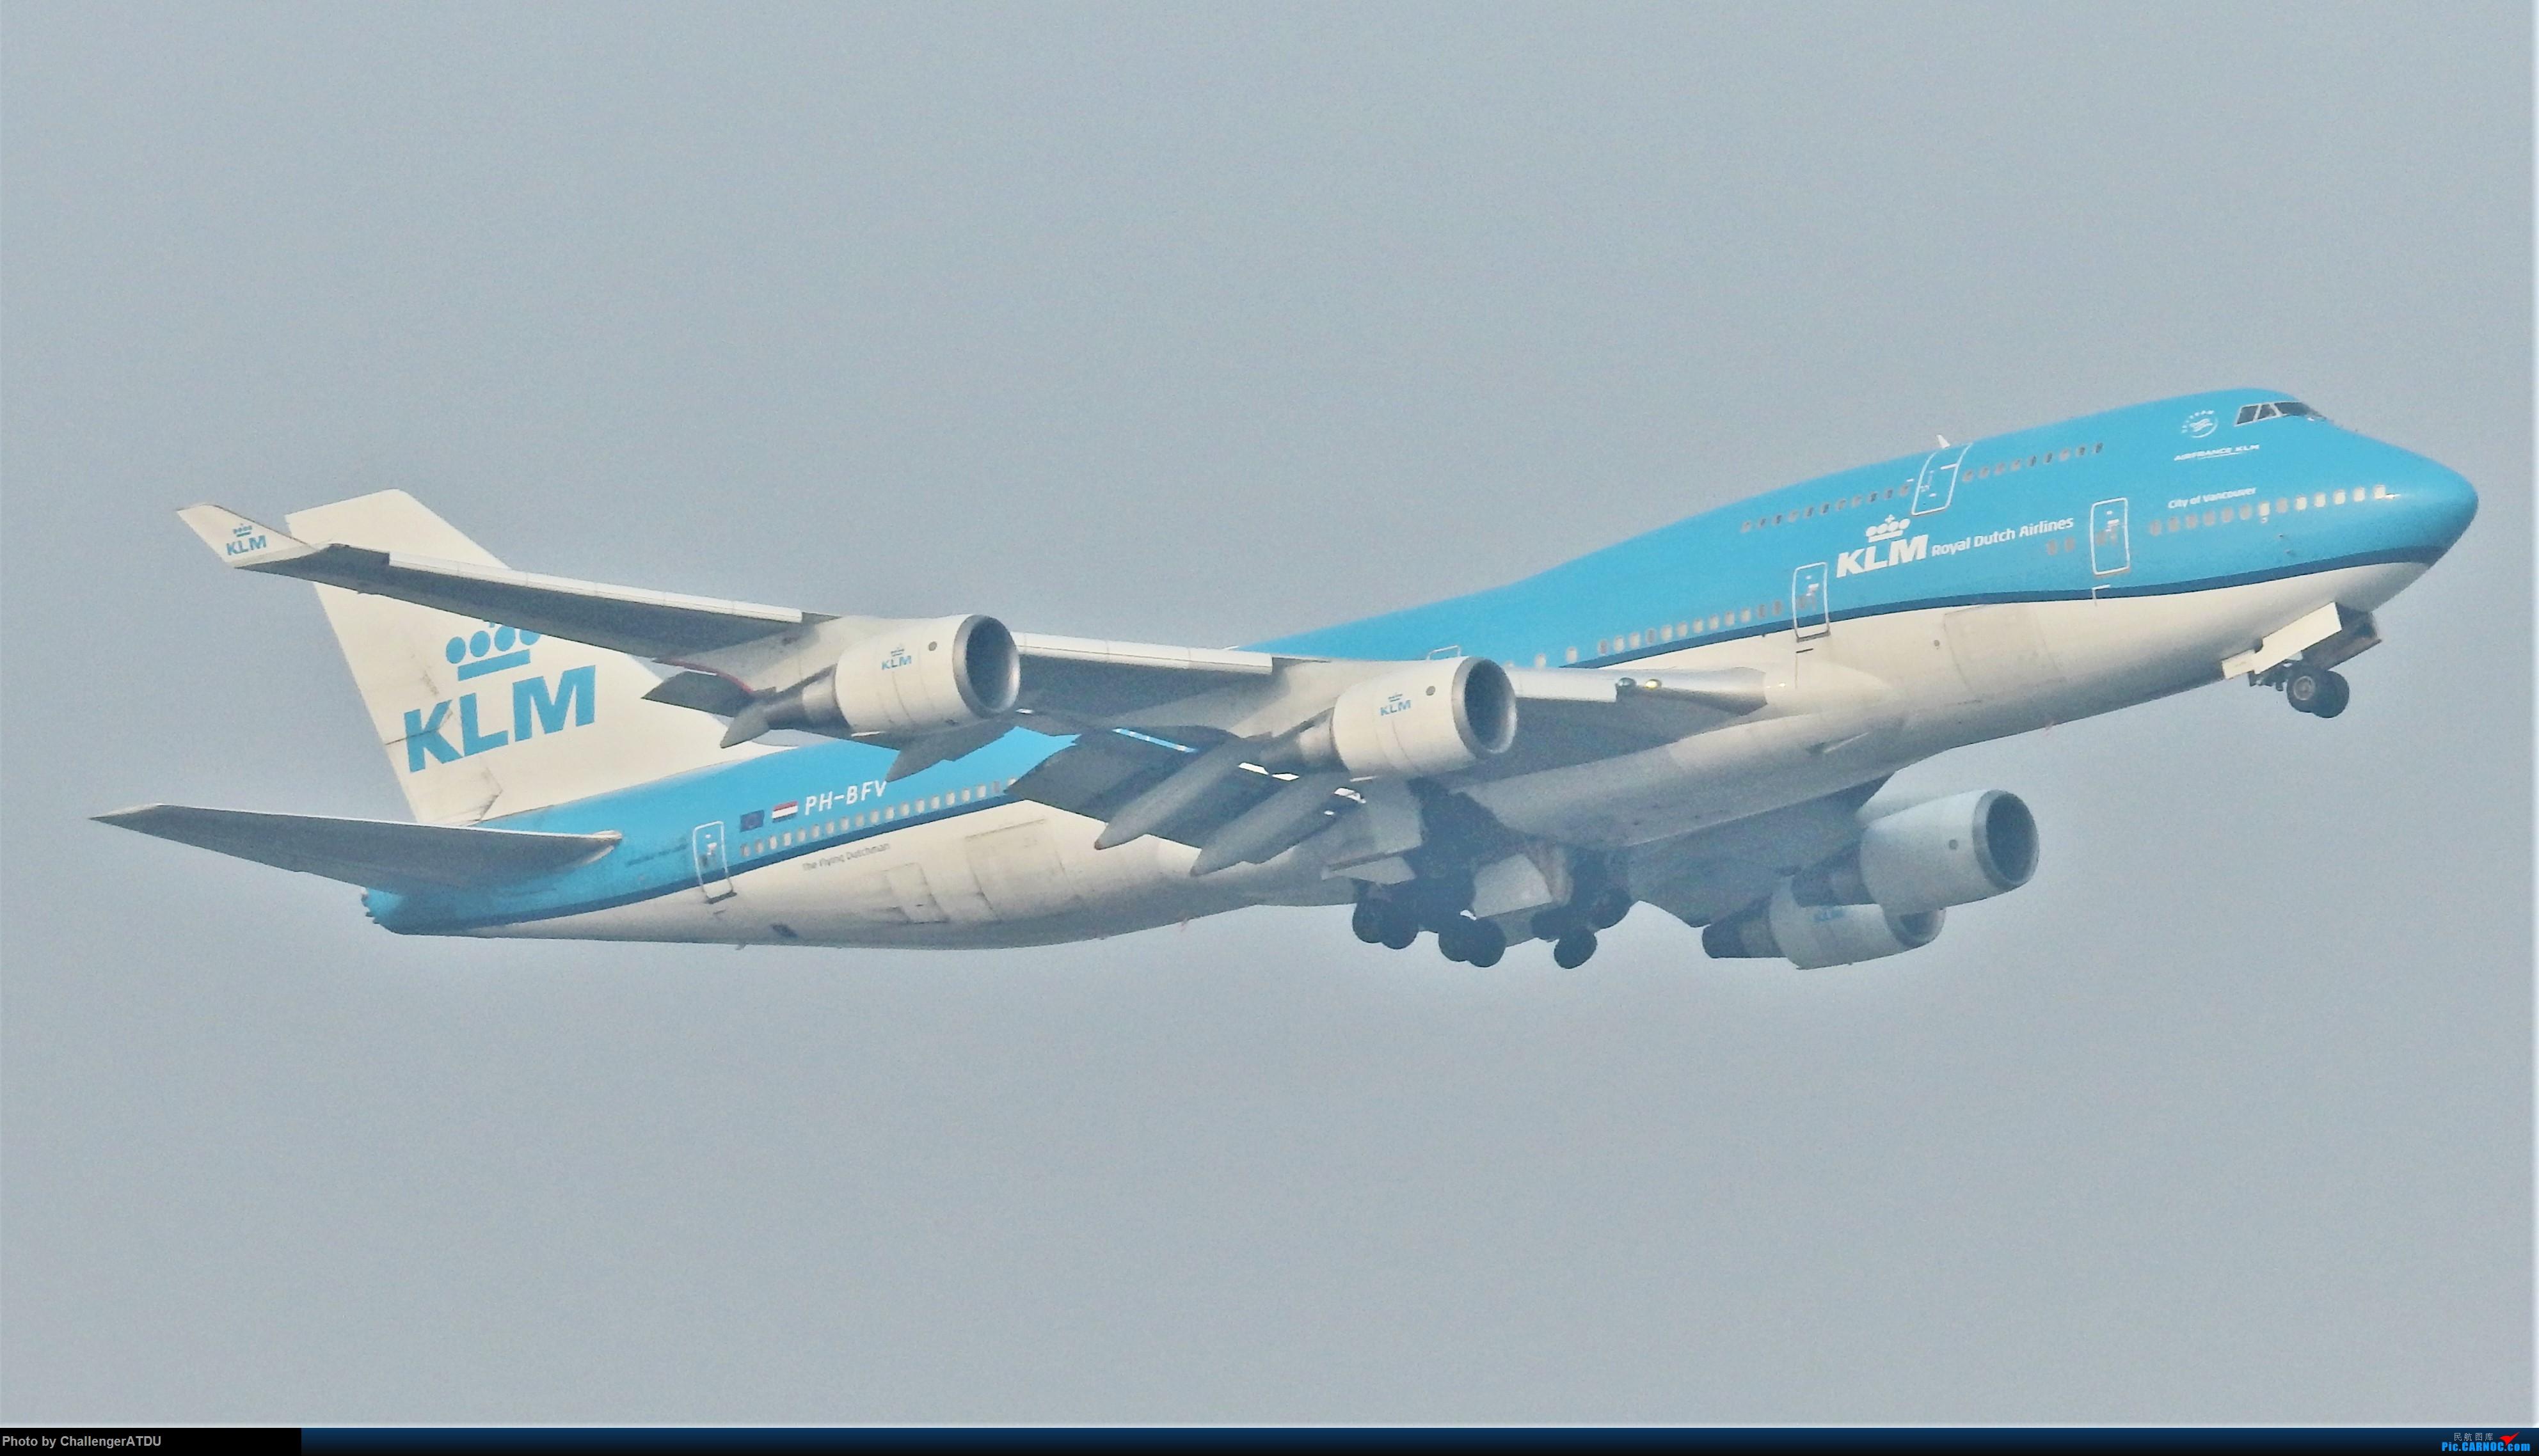 [原创]2020-5-30 萌新のPEK之旅 BOEING 747-400 PH-BFV 北京首都国际机场